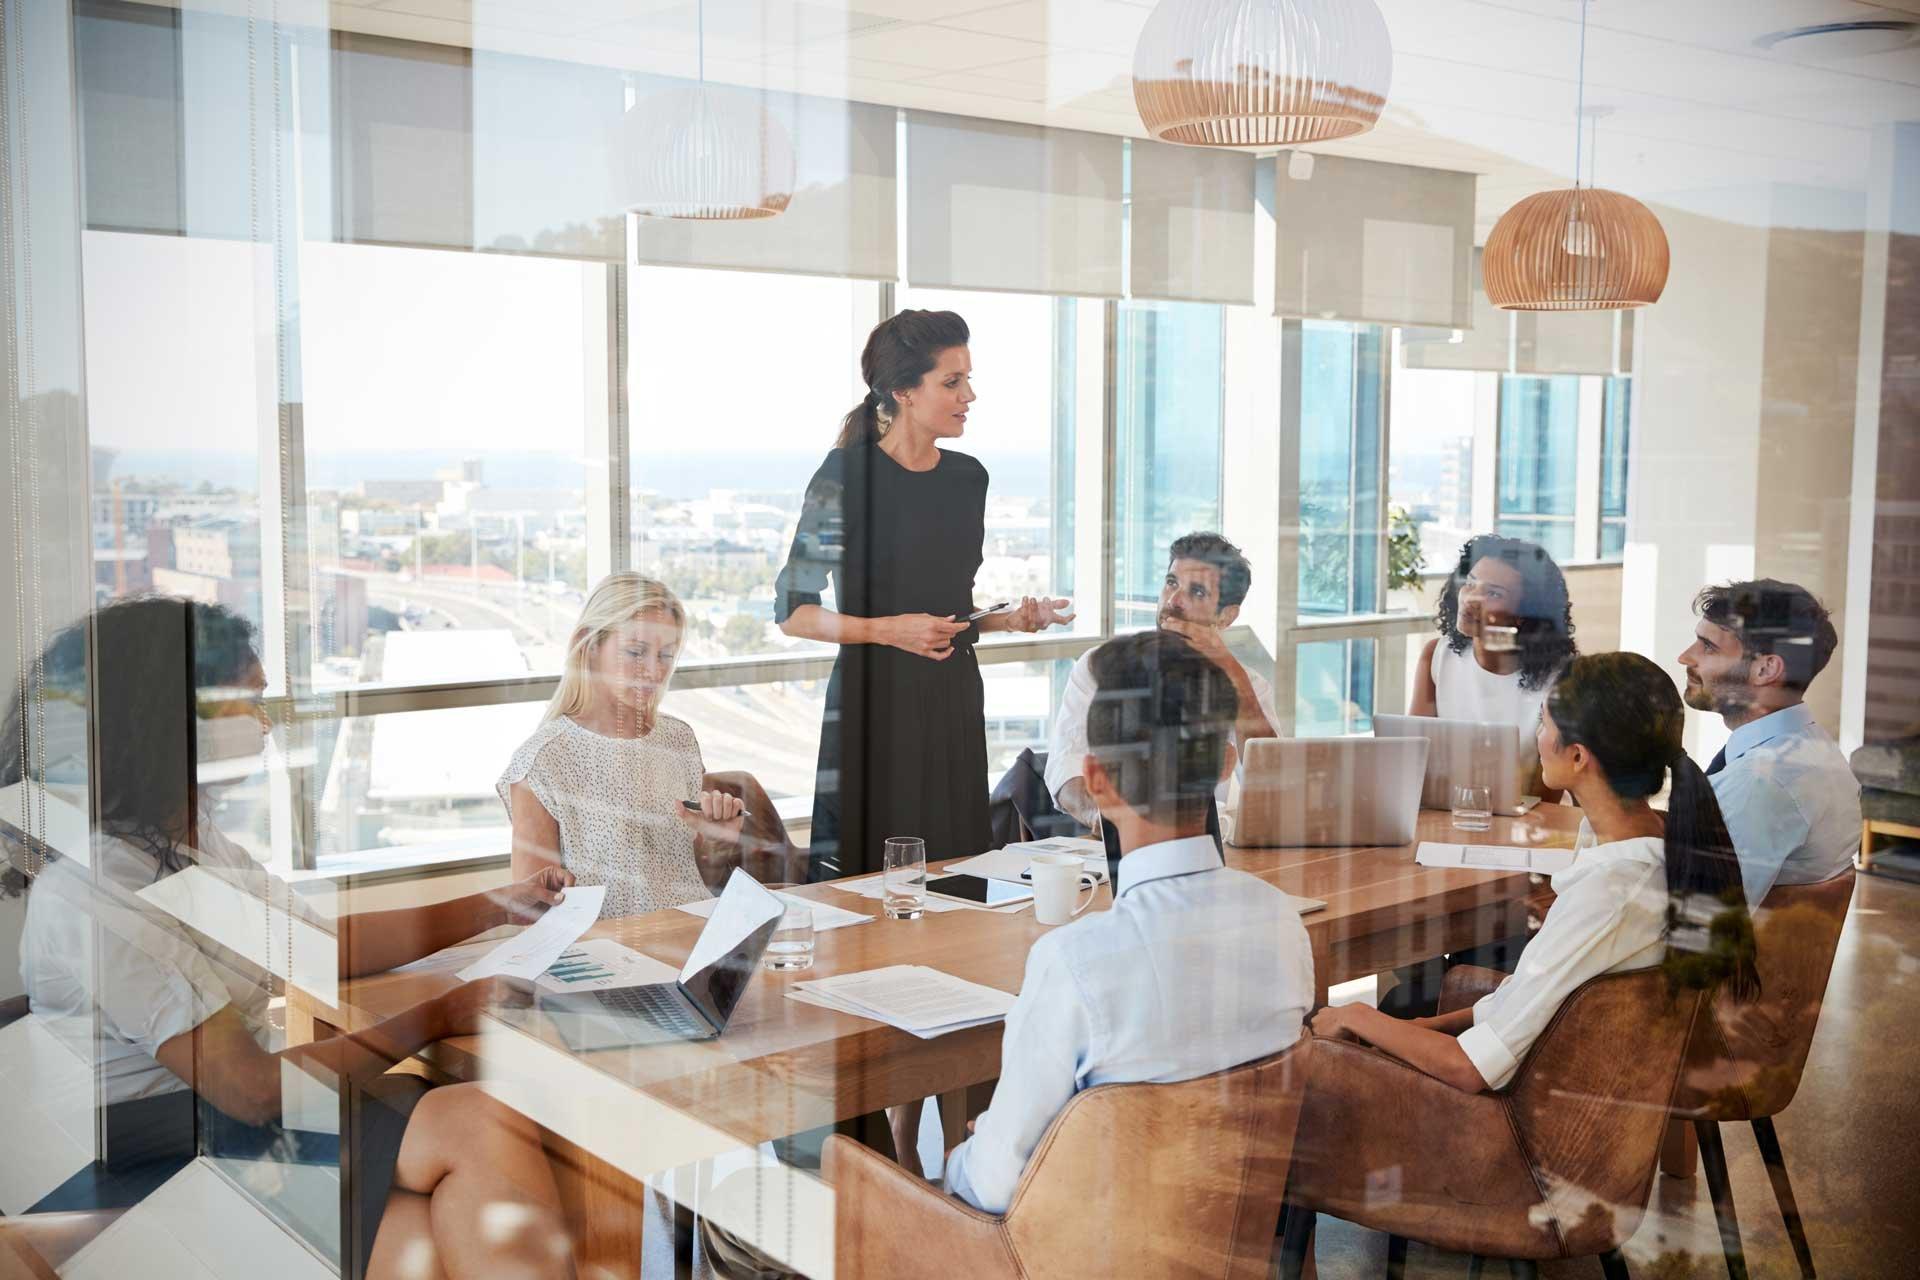 ACP X-tech Unternehmen Digitaler Arbeitsplatz Smart Workspace Modern Workplace